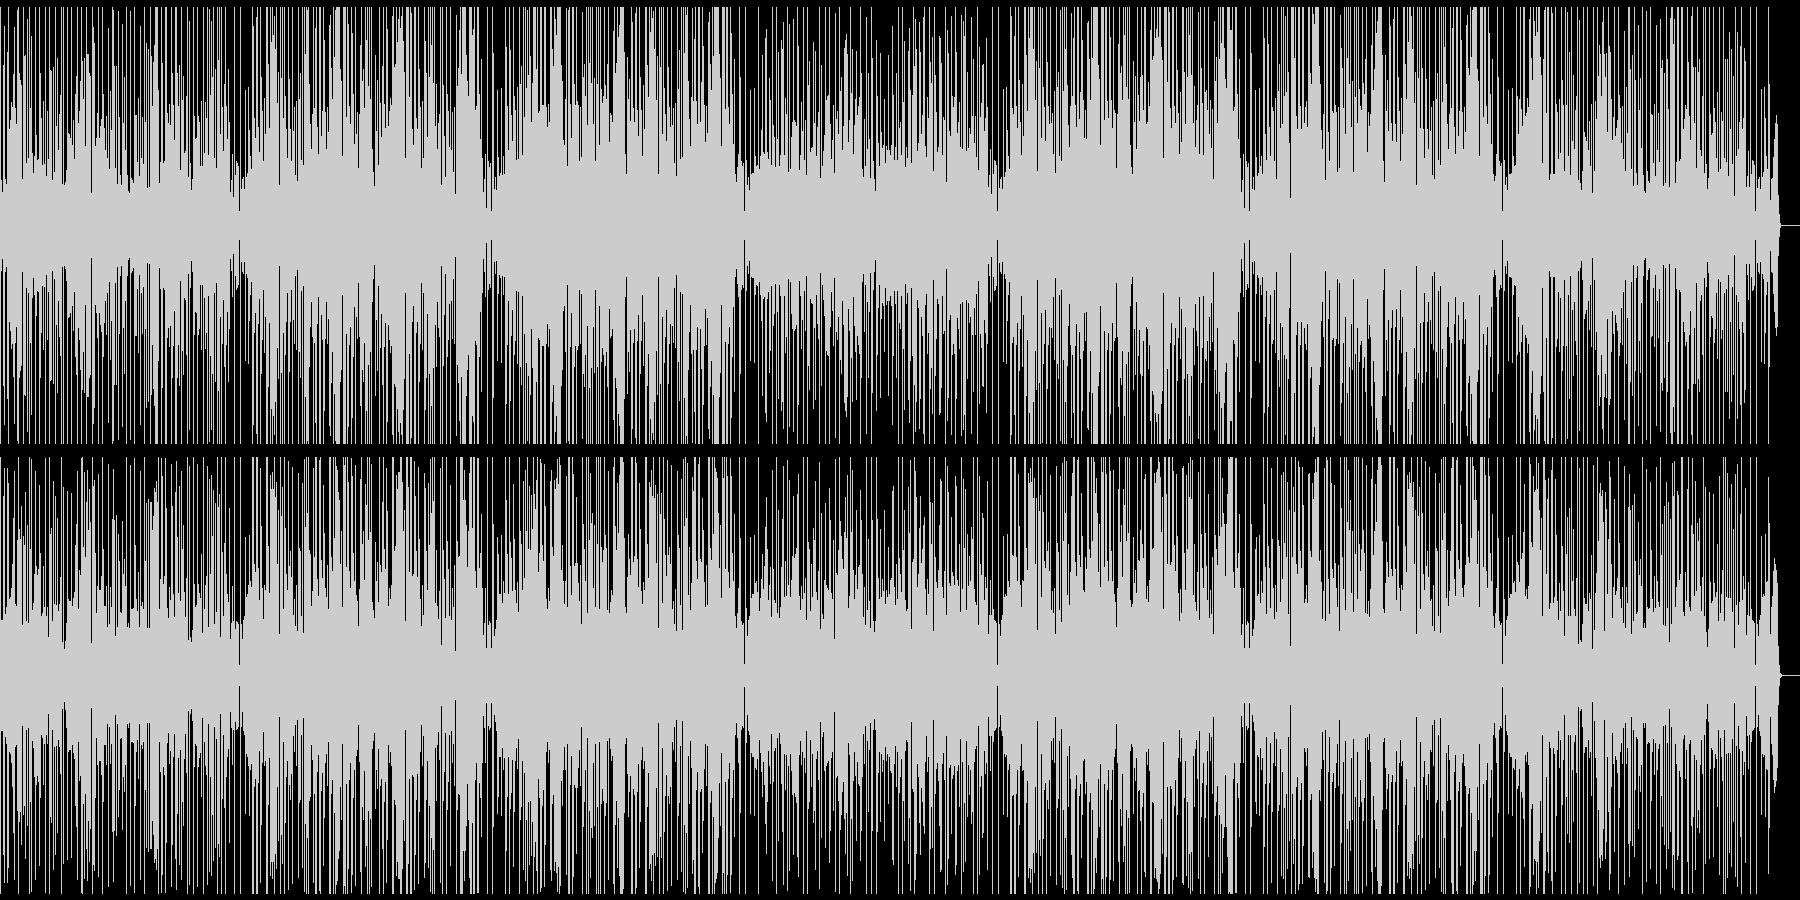 ドラムとベースがファンキーなBGMの未再生の波形